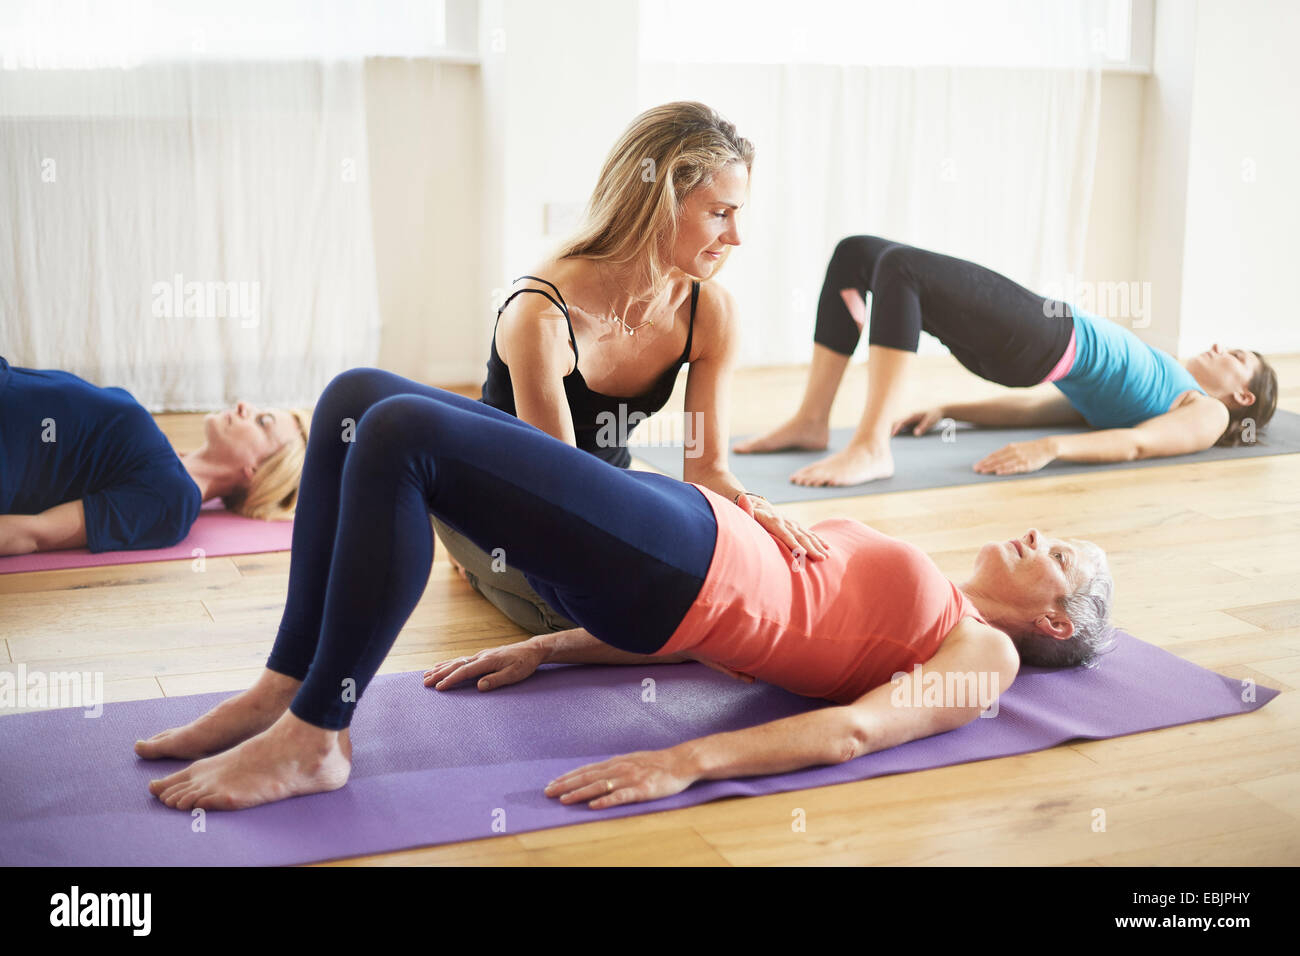 Unterricht, die Schüler auf Rücken in Pilates-Klasse zu unterstützen Stockbild